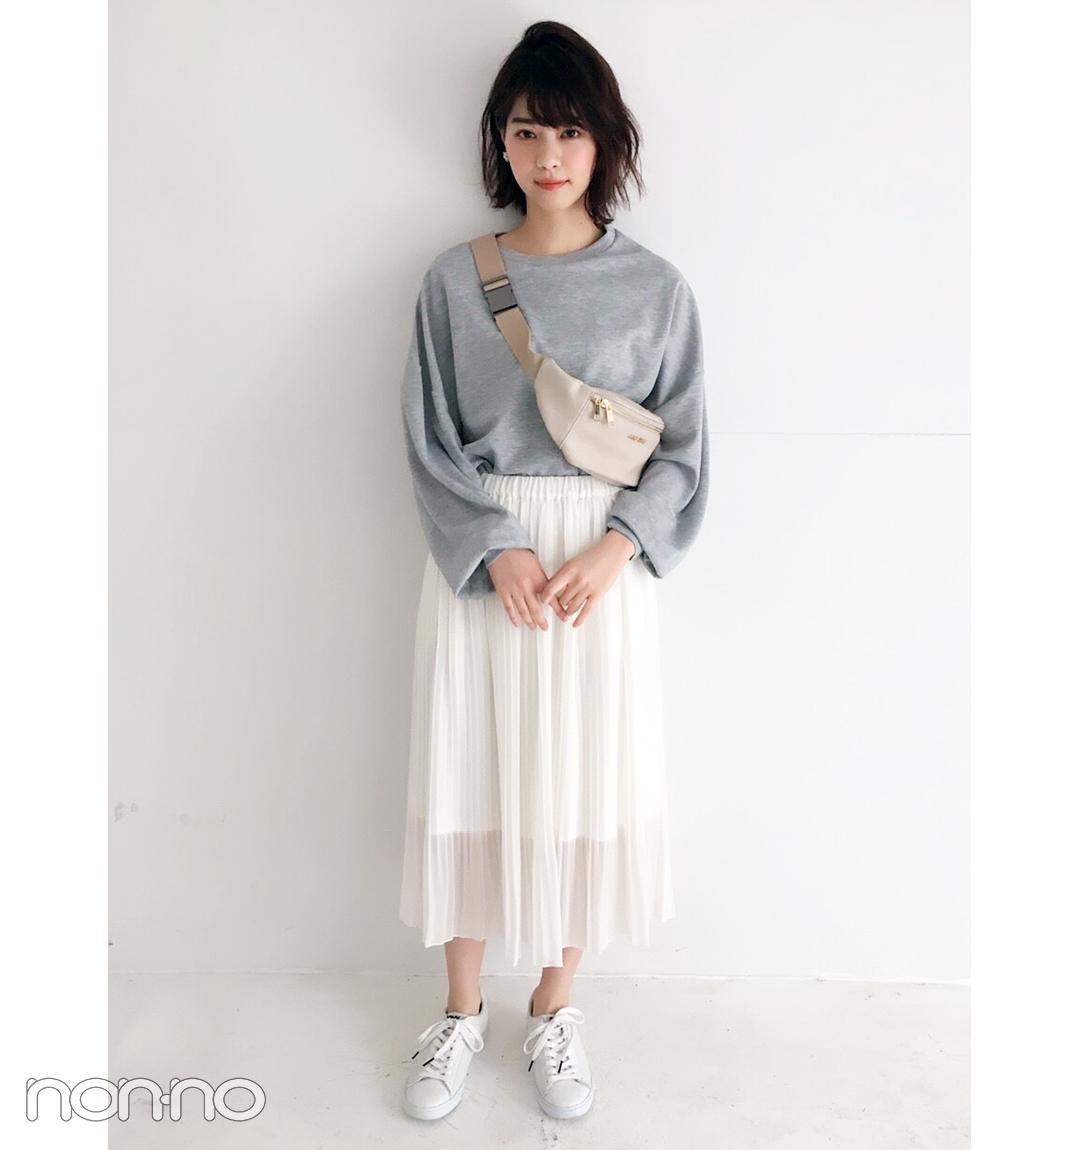 西野七瀬は白スカートにスポーツMIXでモテカジュアルにトライ♡【毎日コーデ】_1_1